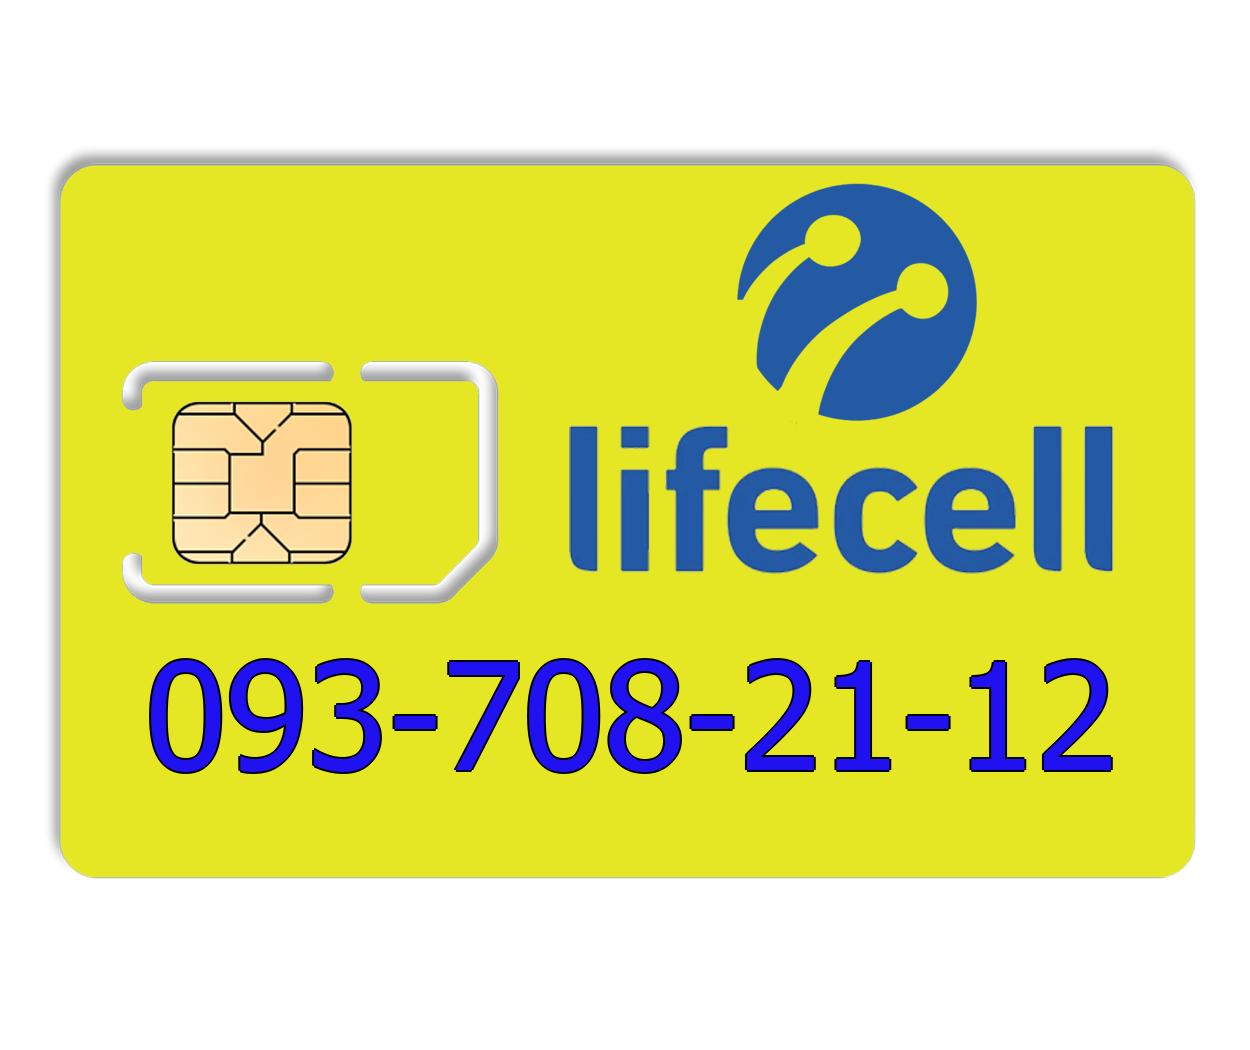 Красивый номер lifecell 093-708-21-12